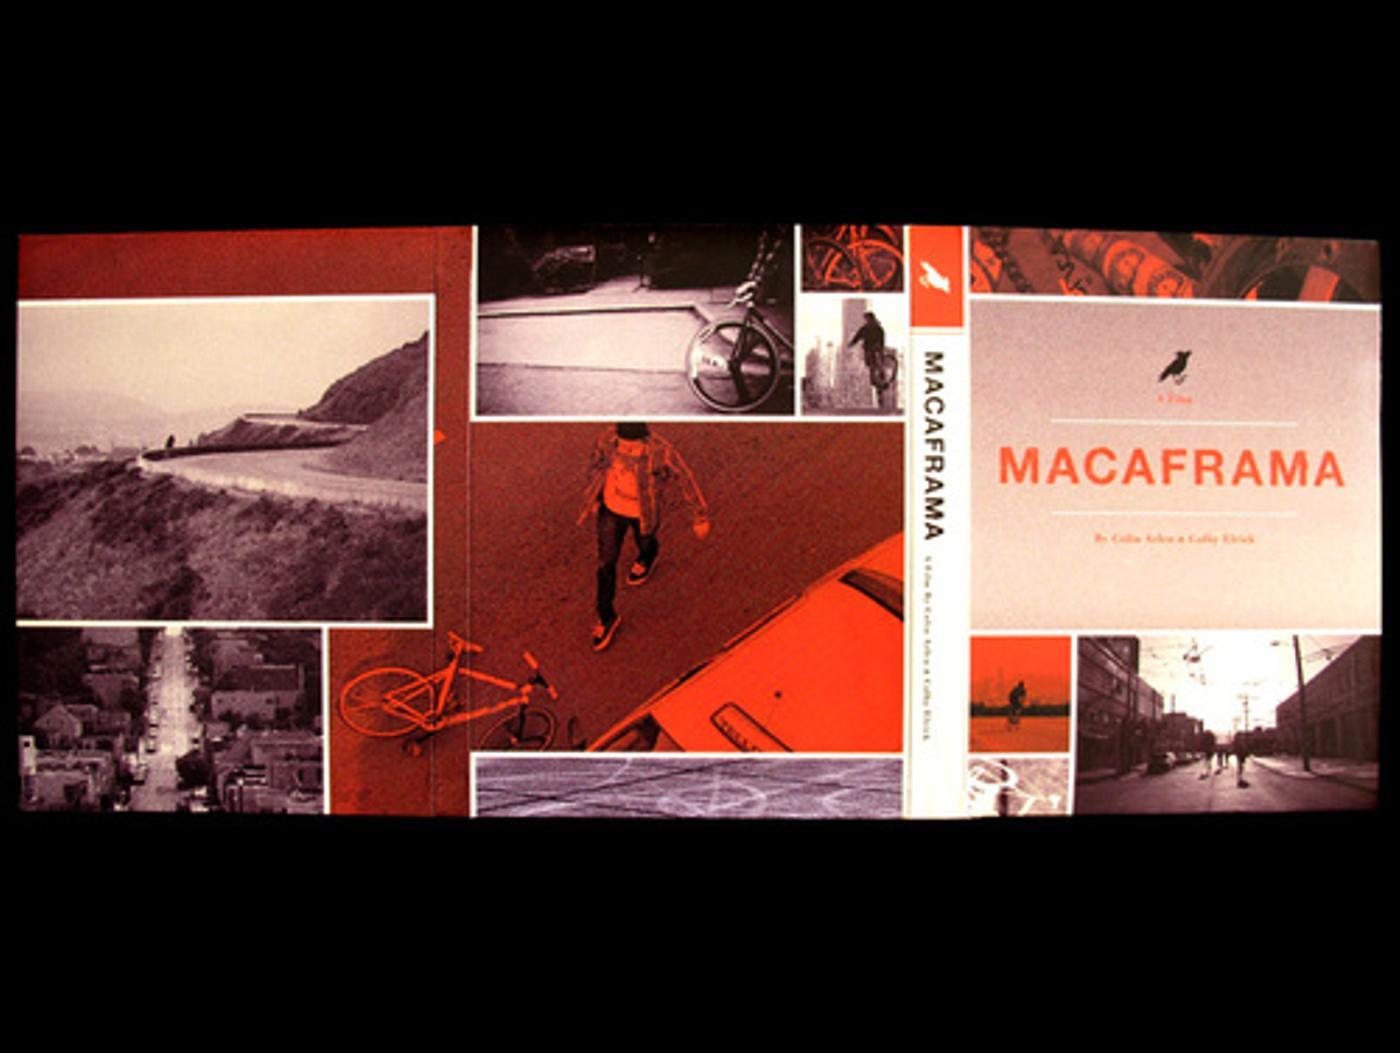 MACA2.jpg